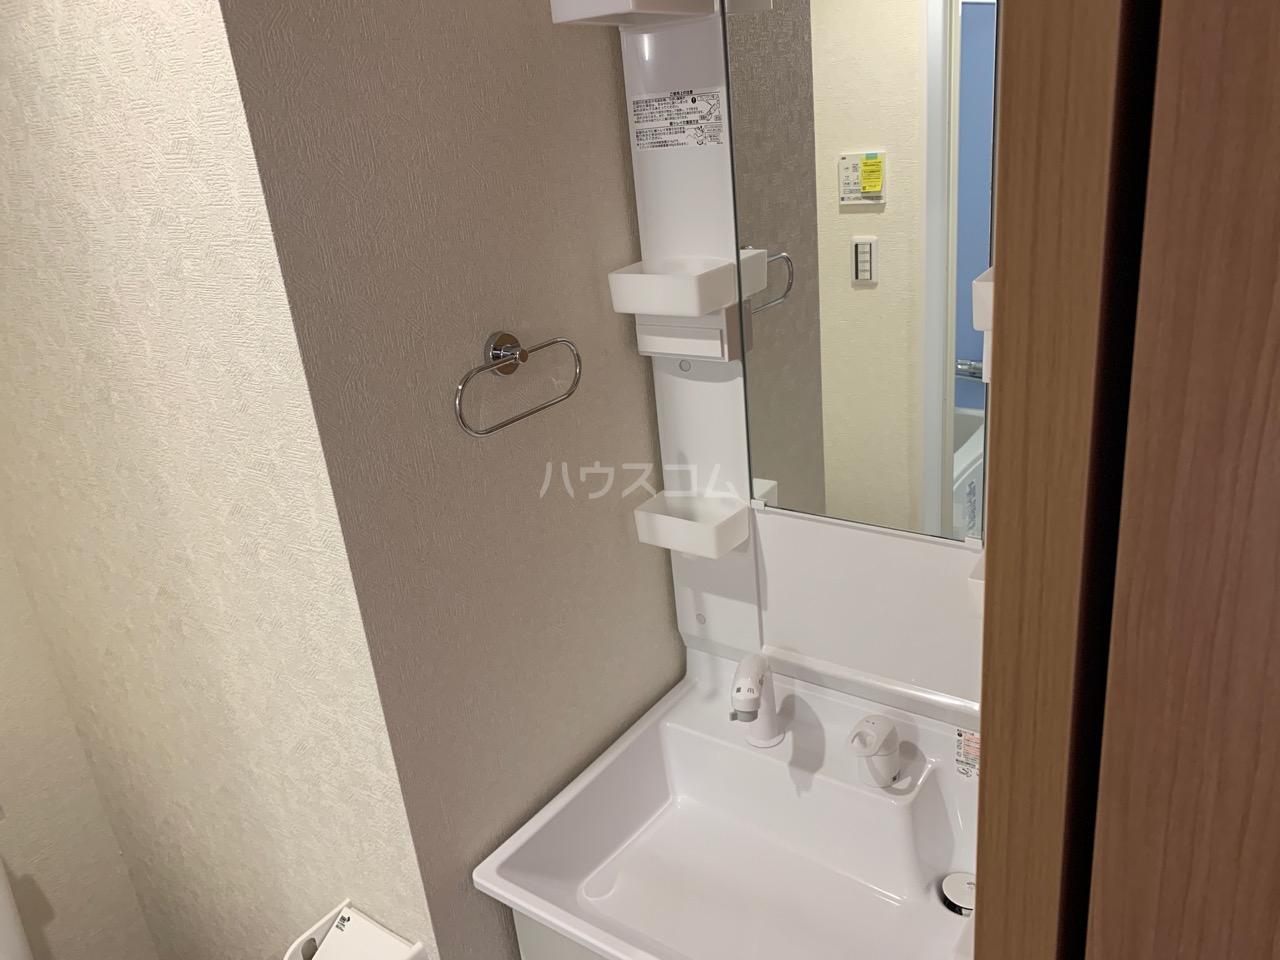 ファインホース白百合 102号室の洗面所